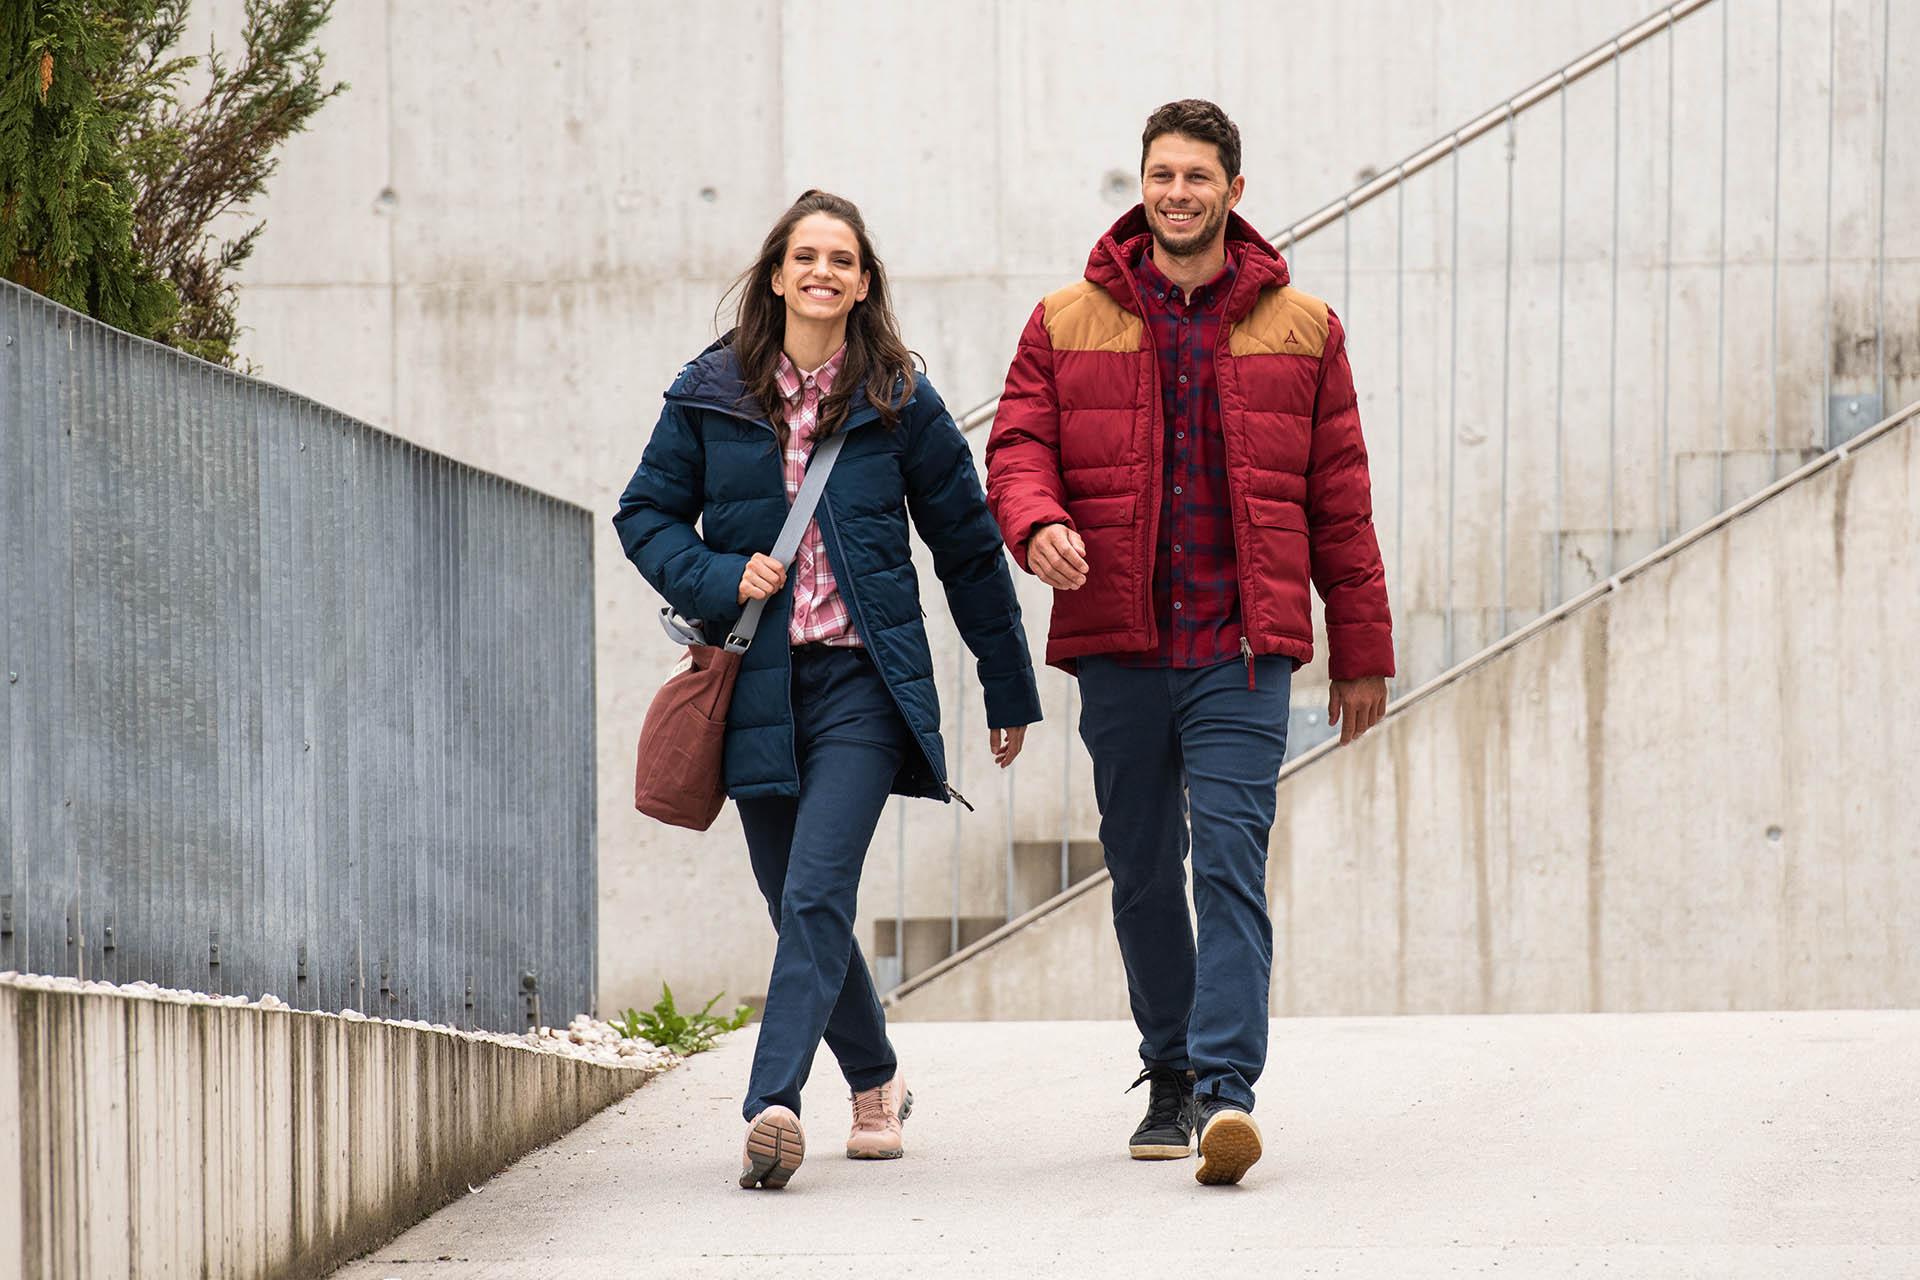 Schöffel Outleisure Kollektion Herbst 2020 World of Outdoor Sonthofen Allgäu Sportbekleidung Outdoor